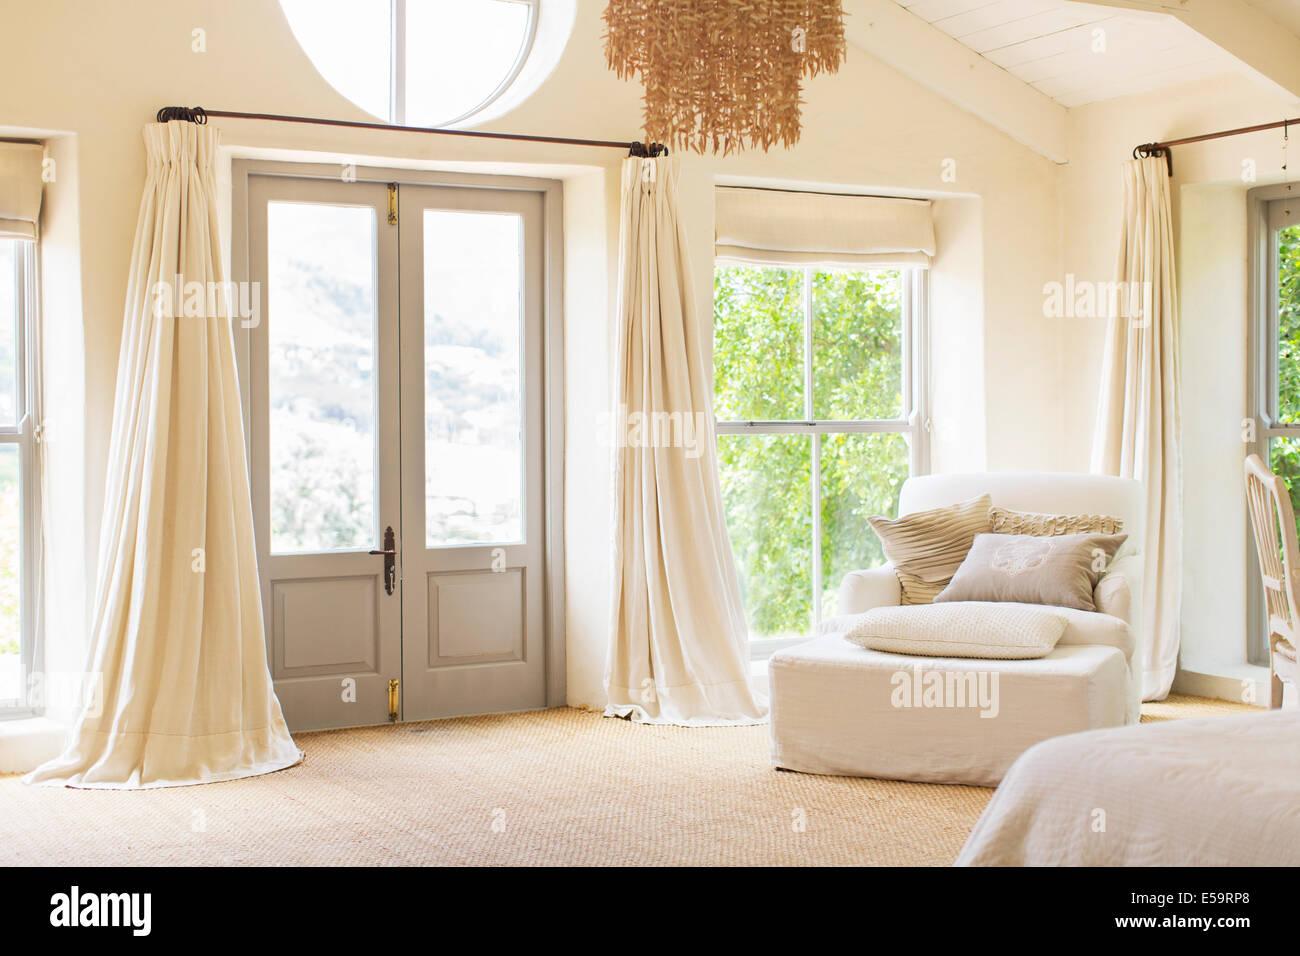 Porte avant et fauteuil dans maison rustique Photo Stock